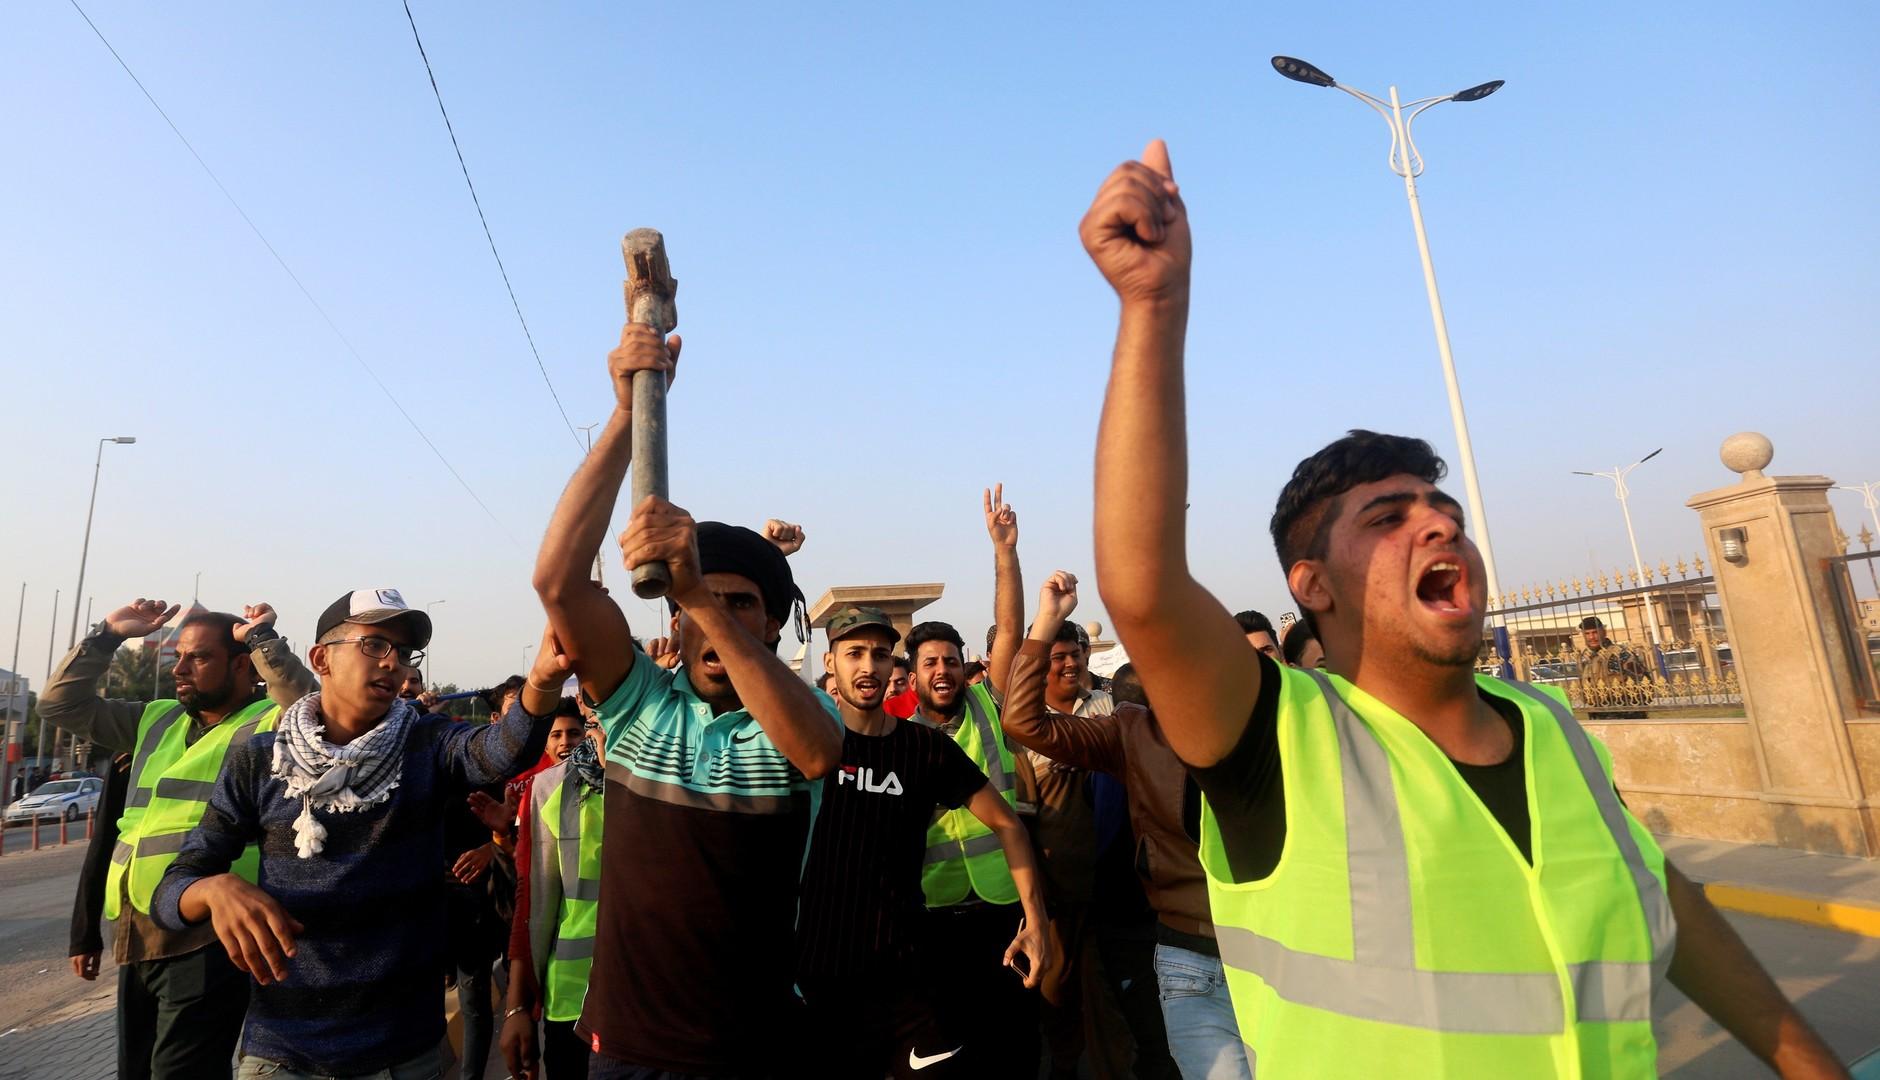 عراقيون يطالبون بتخفيض العمالة الأجنبية في الشركات النفطية